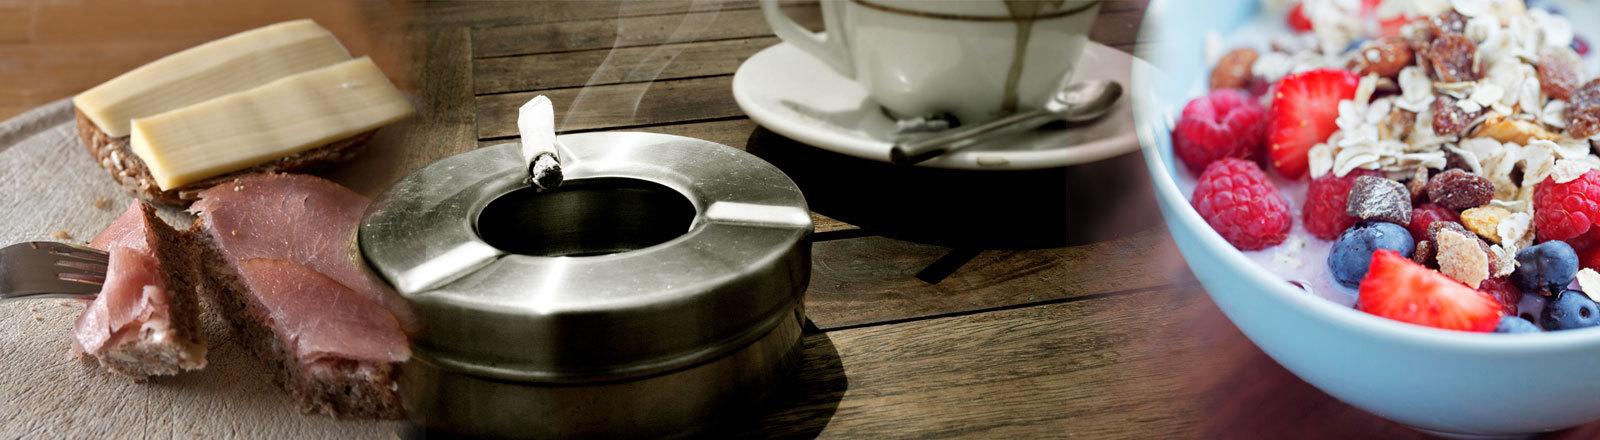 Wurstbrot Käsebrot Frühstück Kaffee Zigarette Müsli